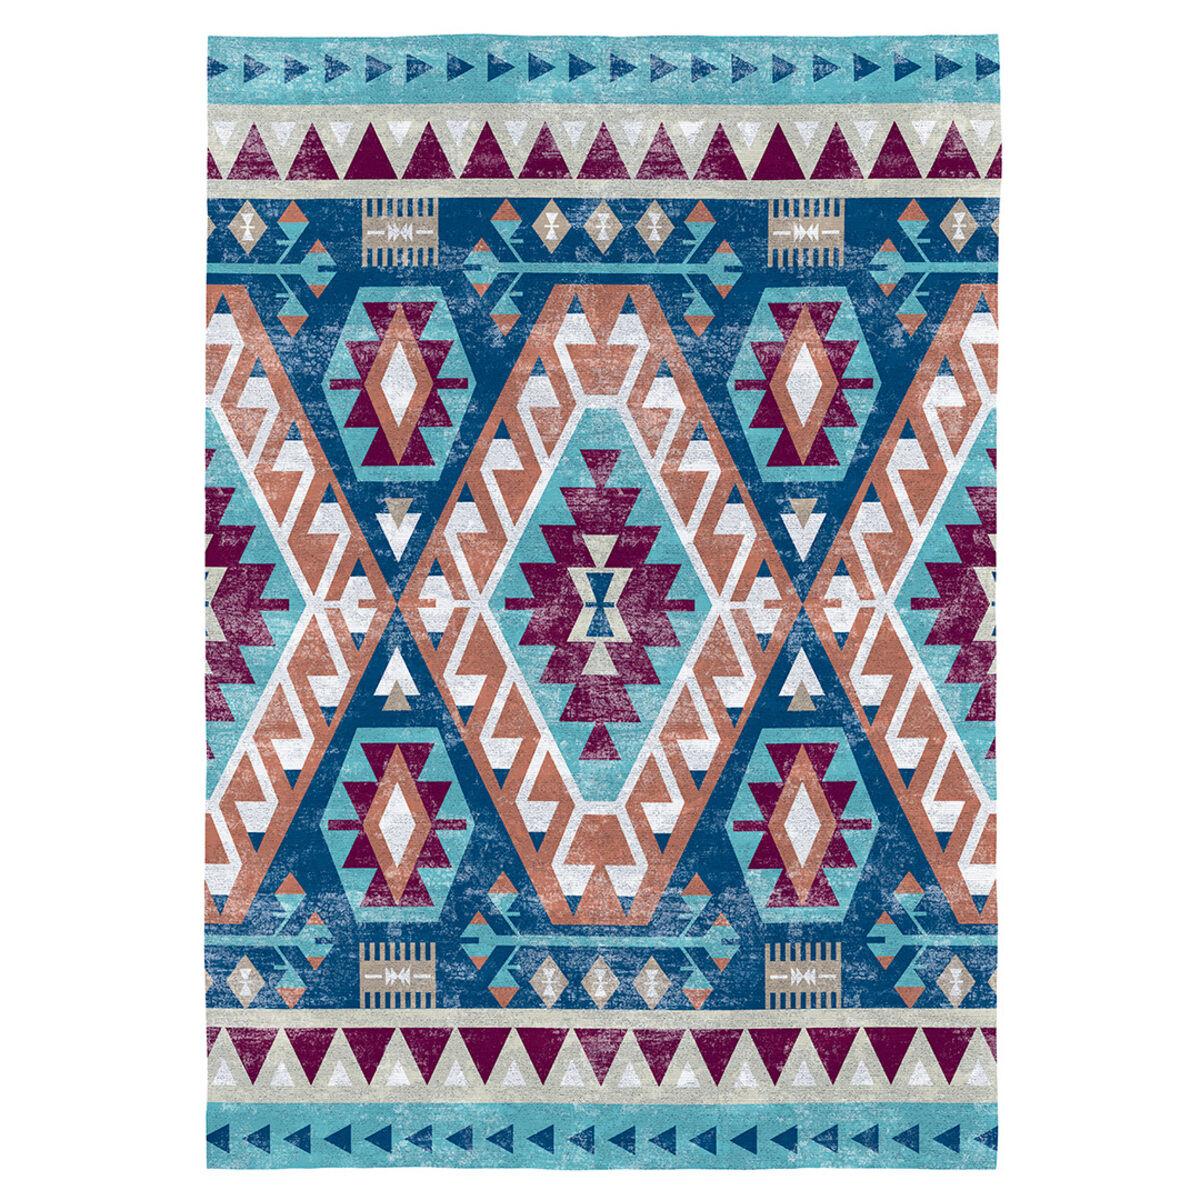 Rugs&Rugs Tapis décoratif en coton en impression numérique 140x200